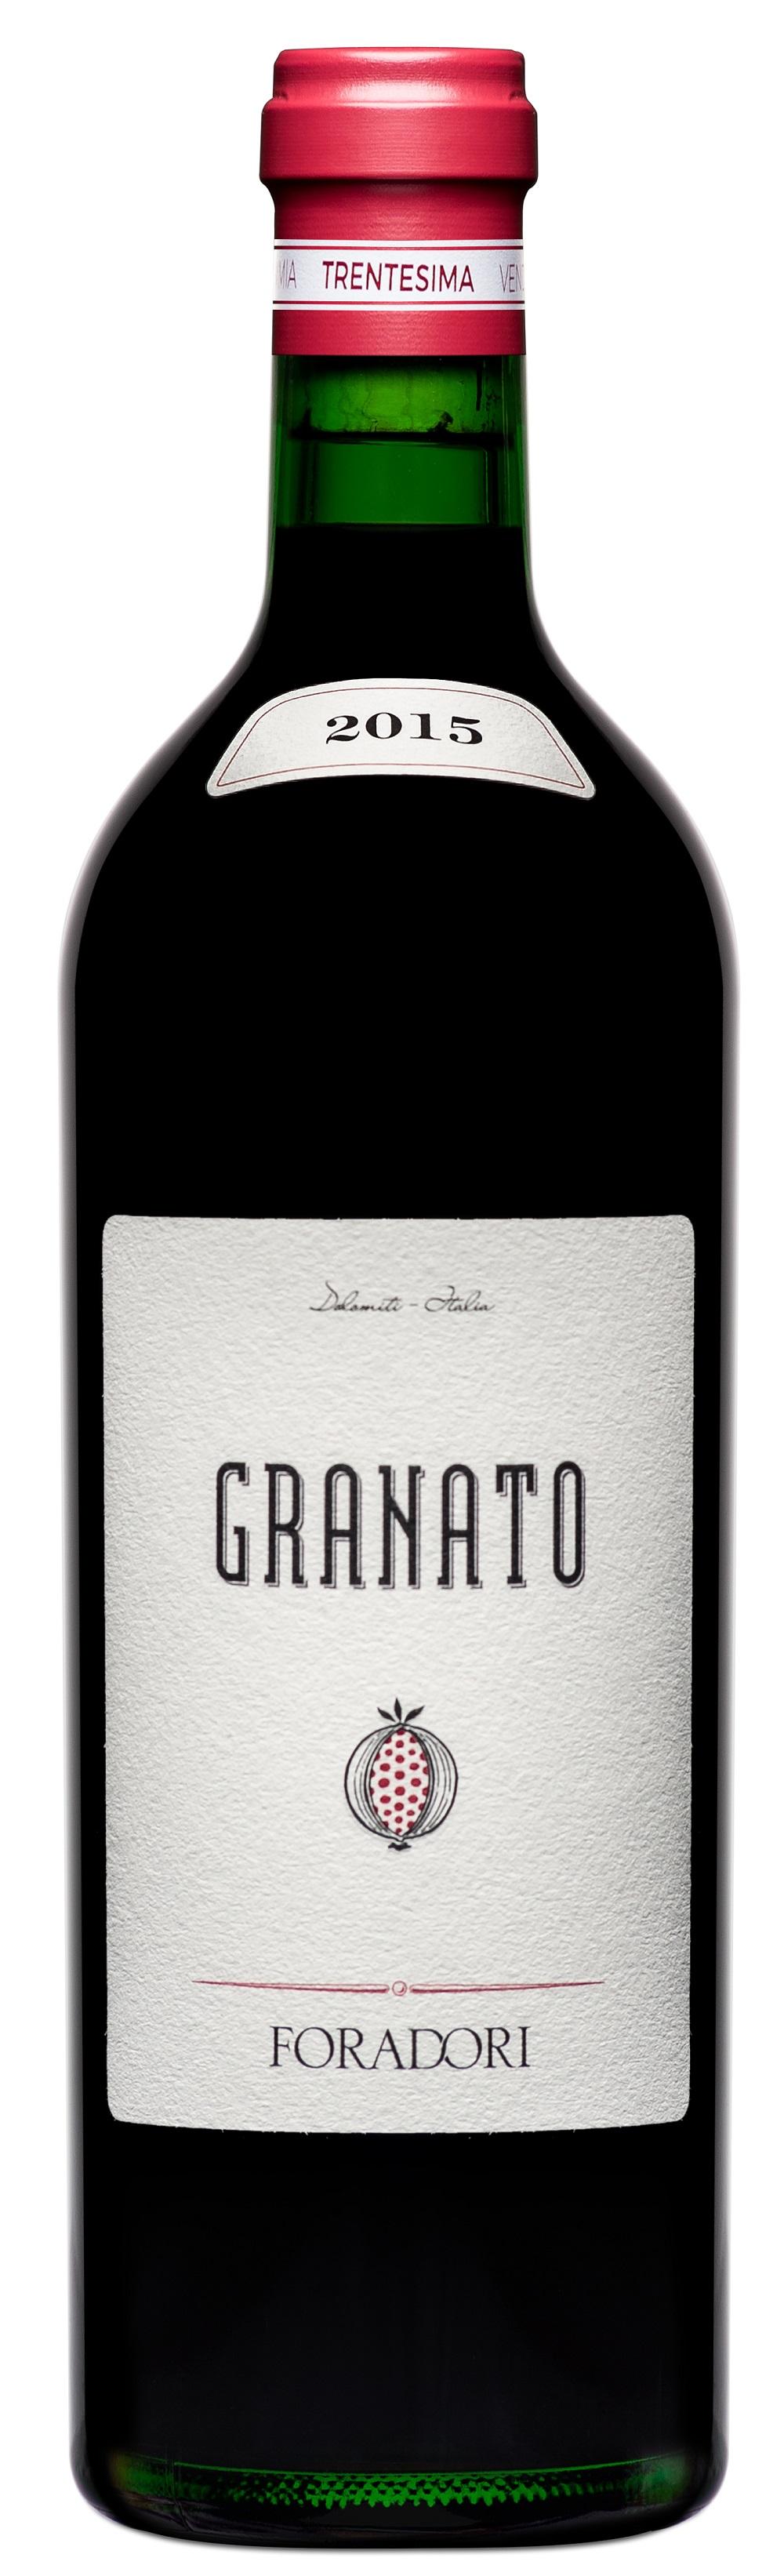 Granato 2015